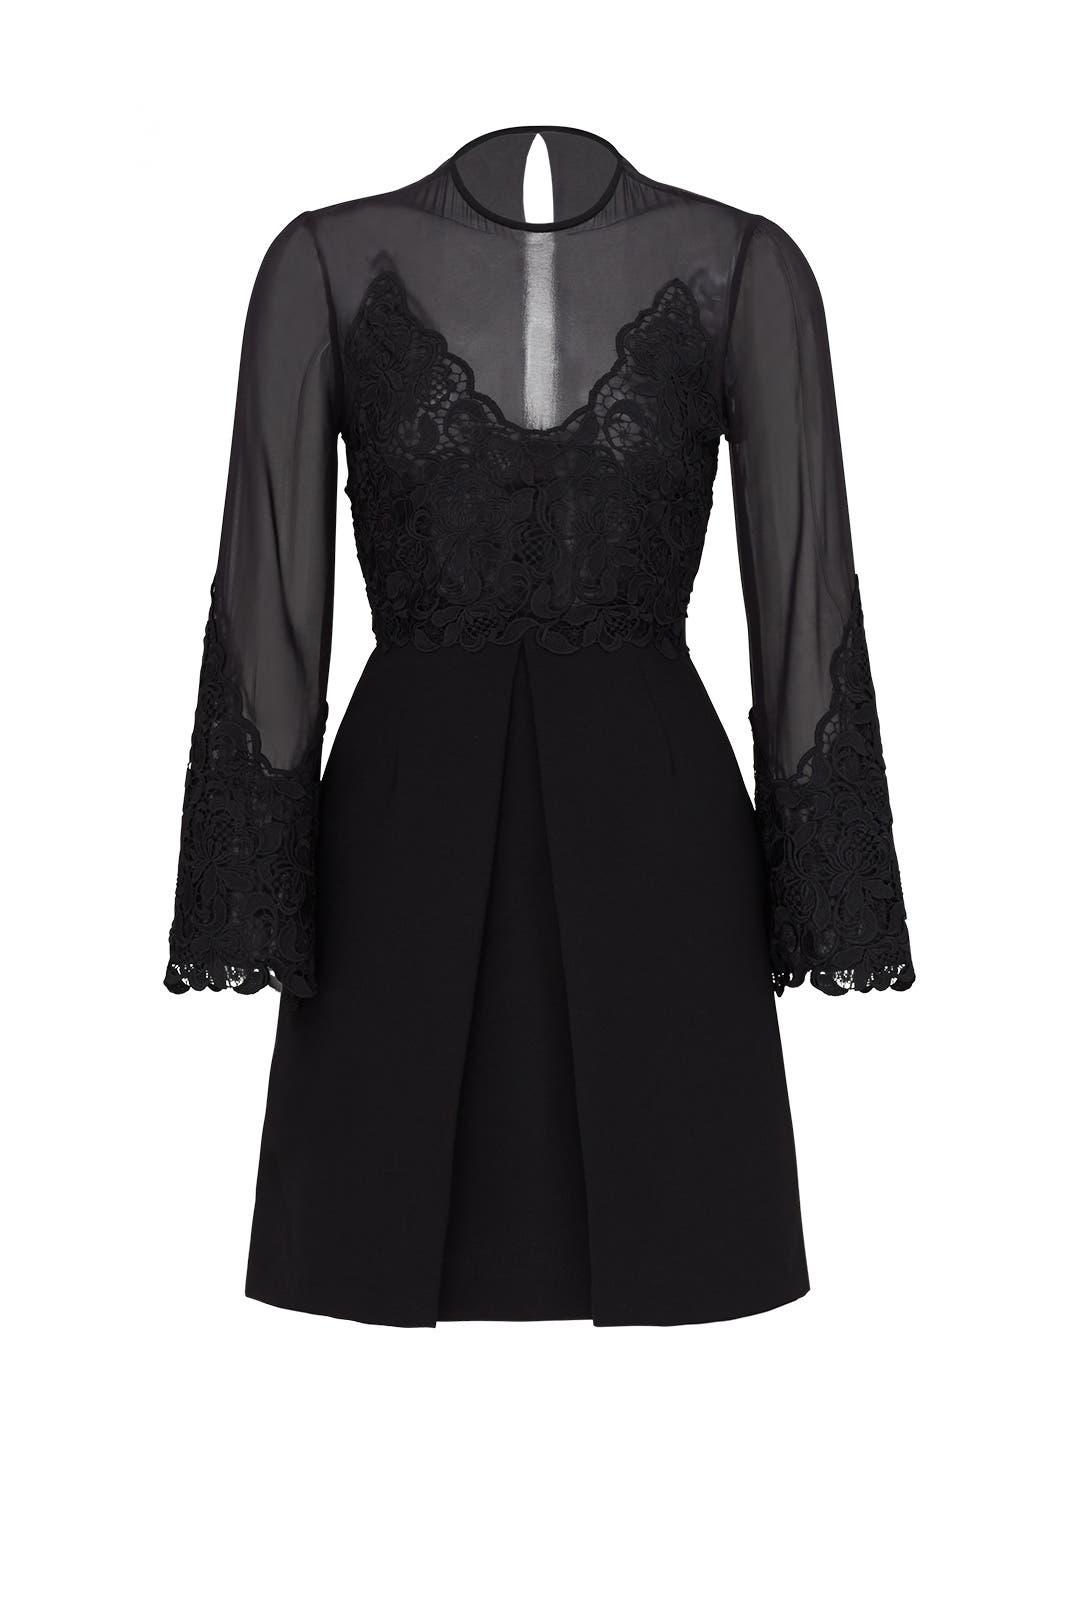 Black Illusion Lace Dress by Jill Jill Stuart for $75 - $90 | Rent ...